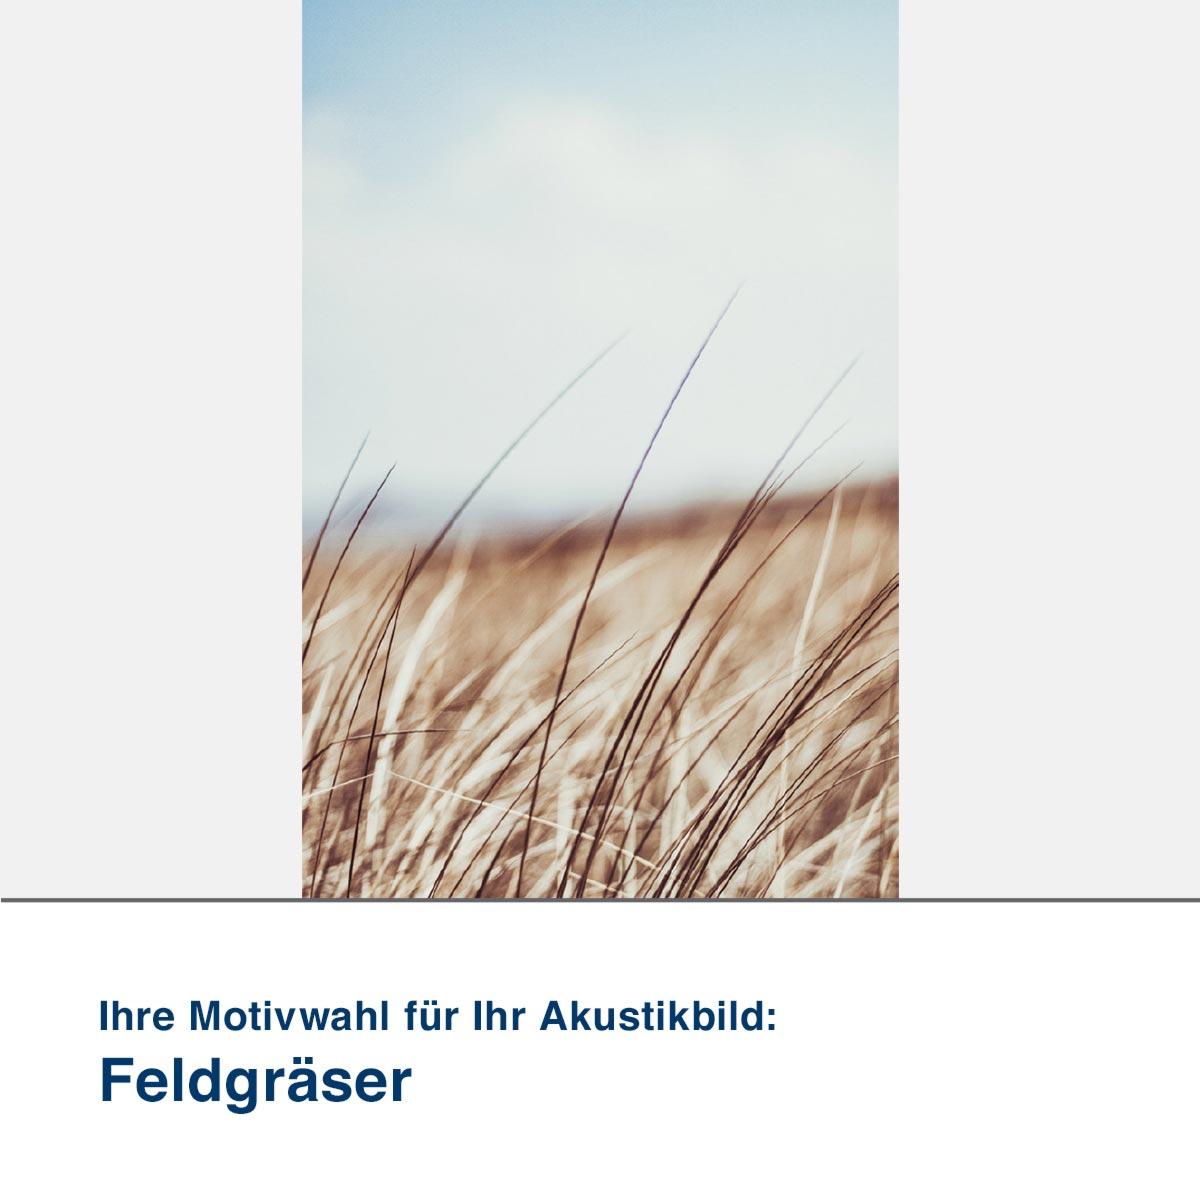 Akustikbild Motiv Feldgräser